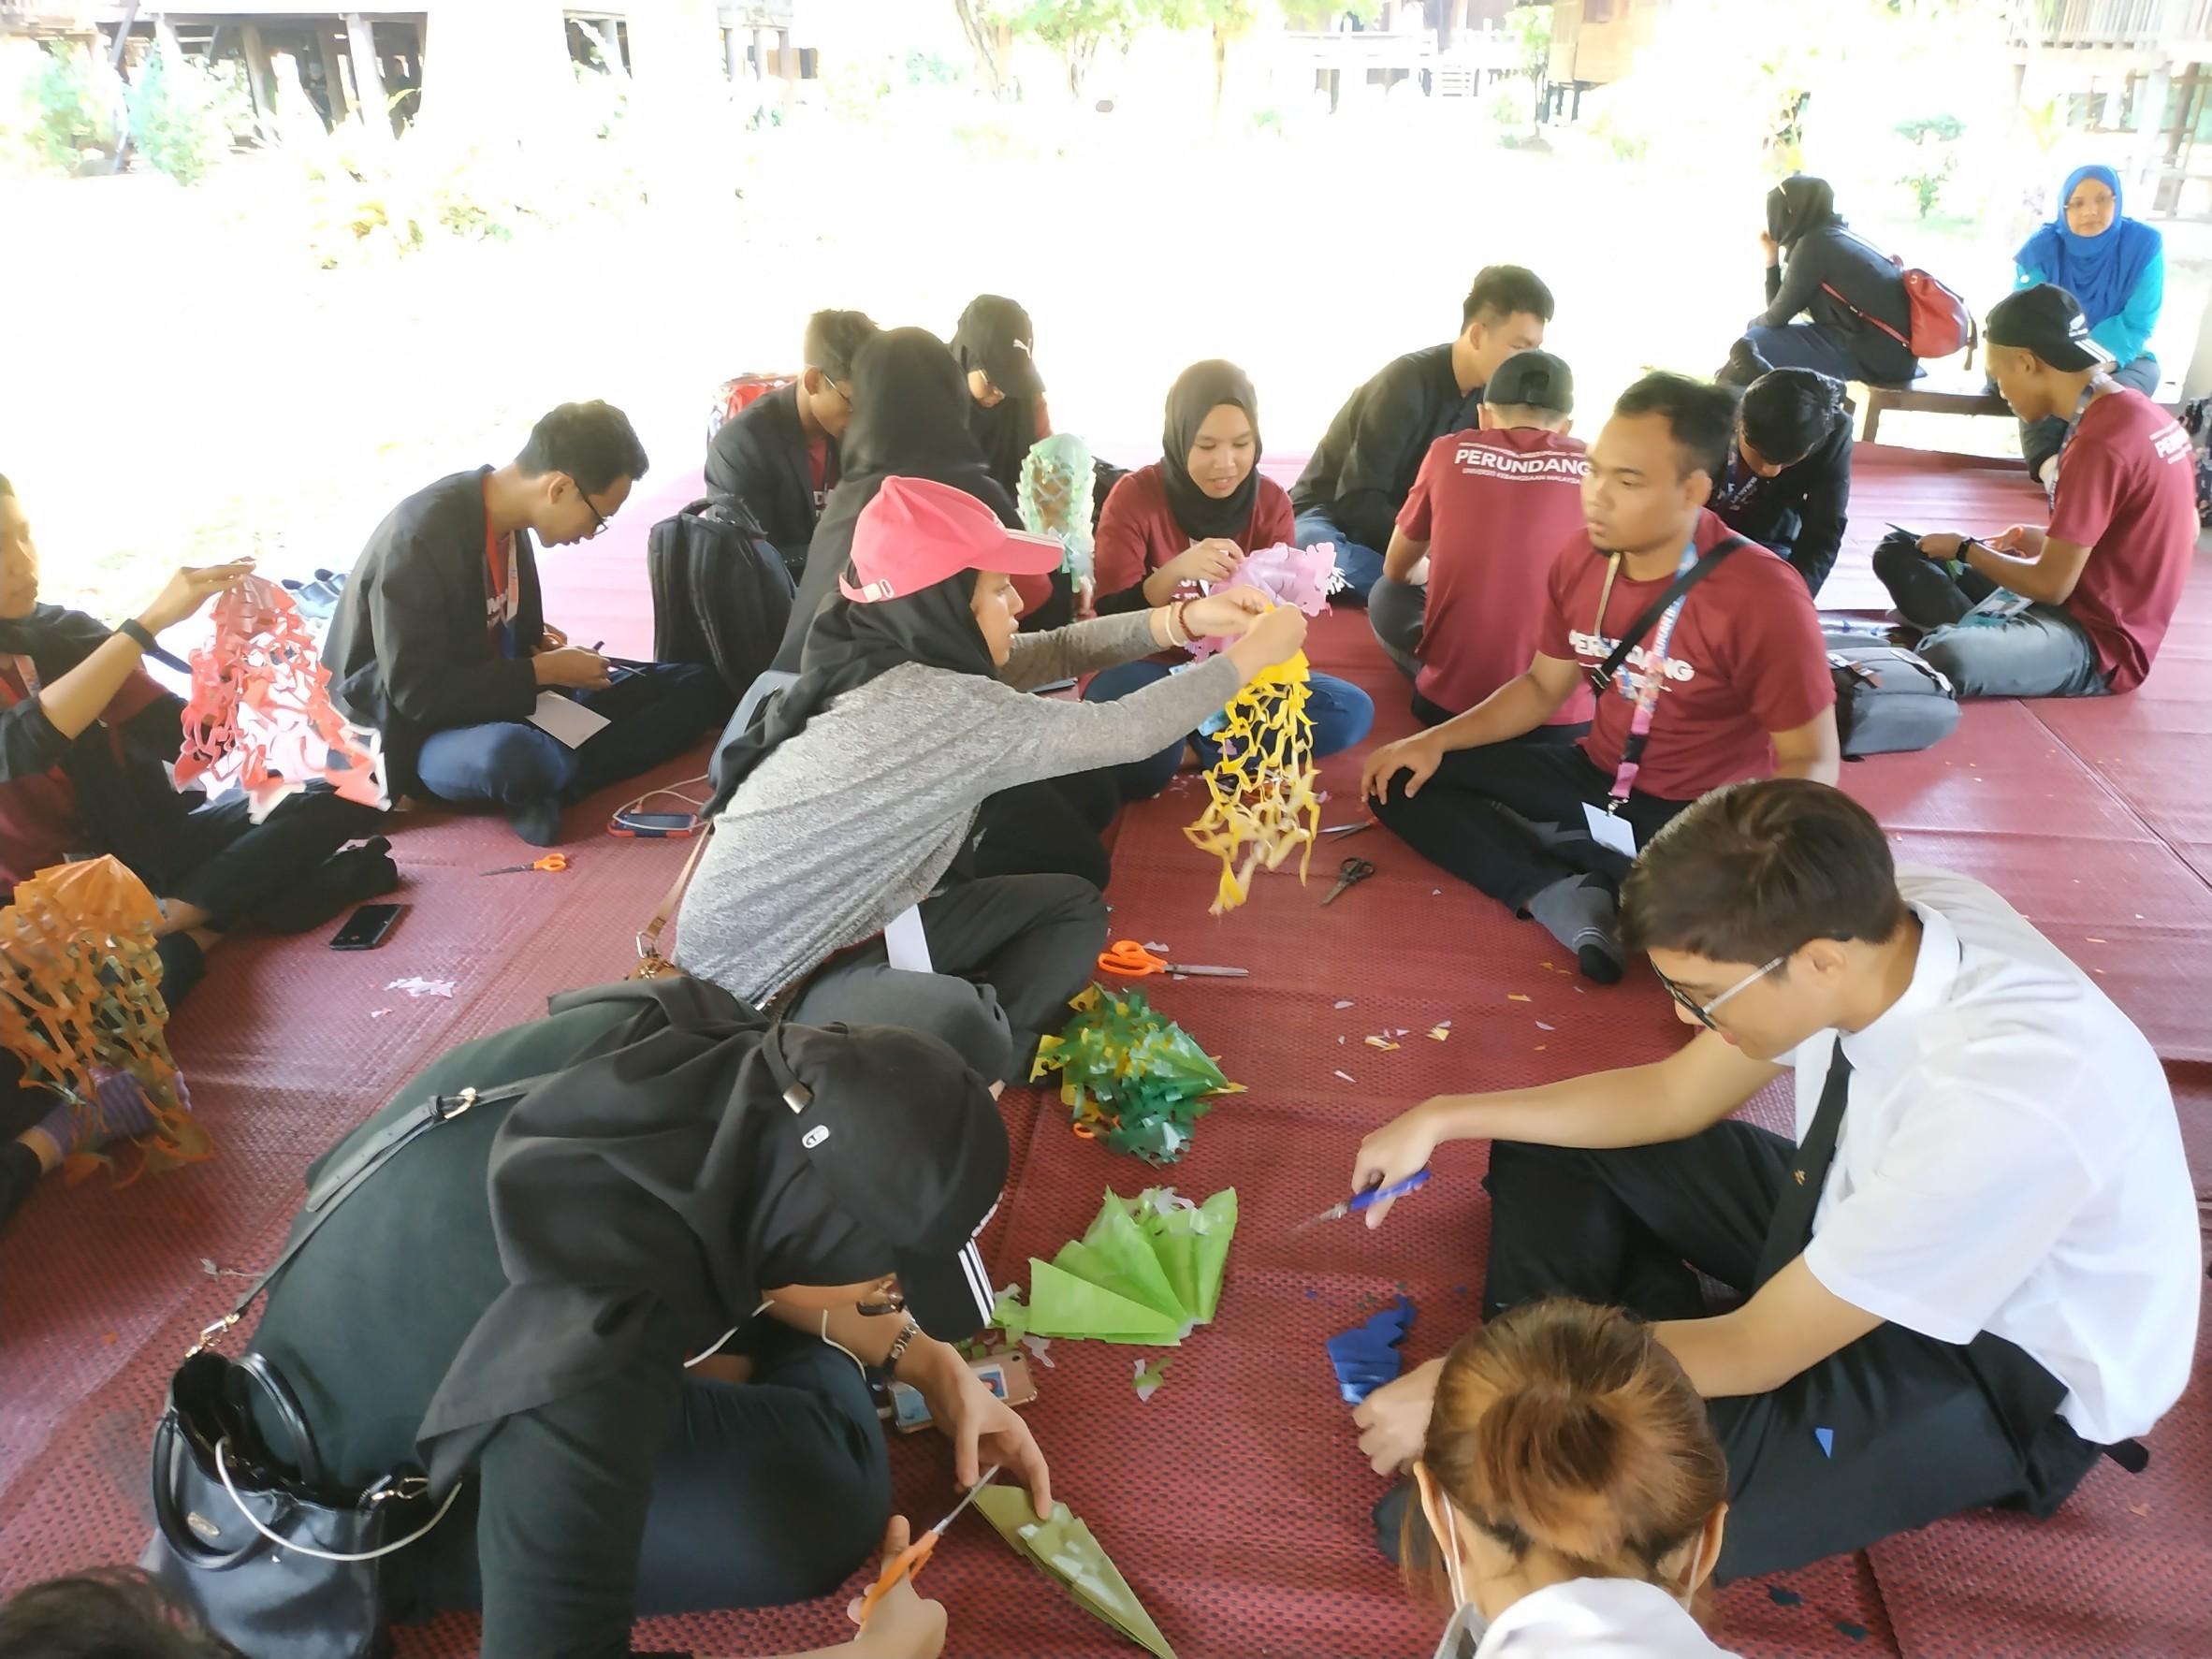 กิจกรรมศิลปวัฒนธรรมให้แก่นักศึกษาต่างชาติ